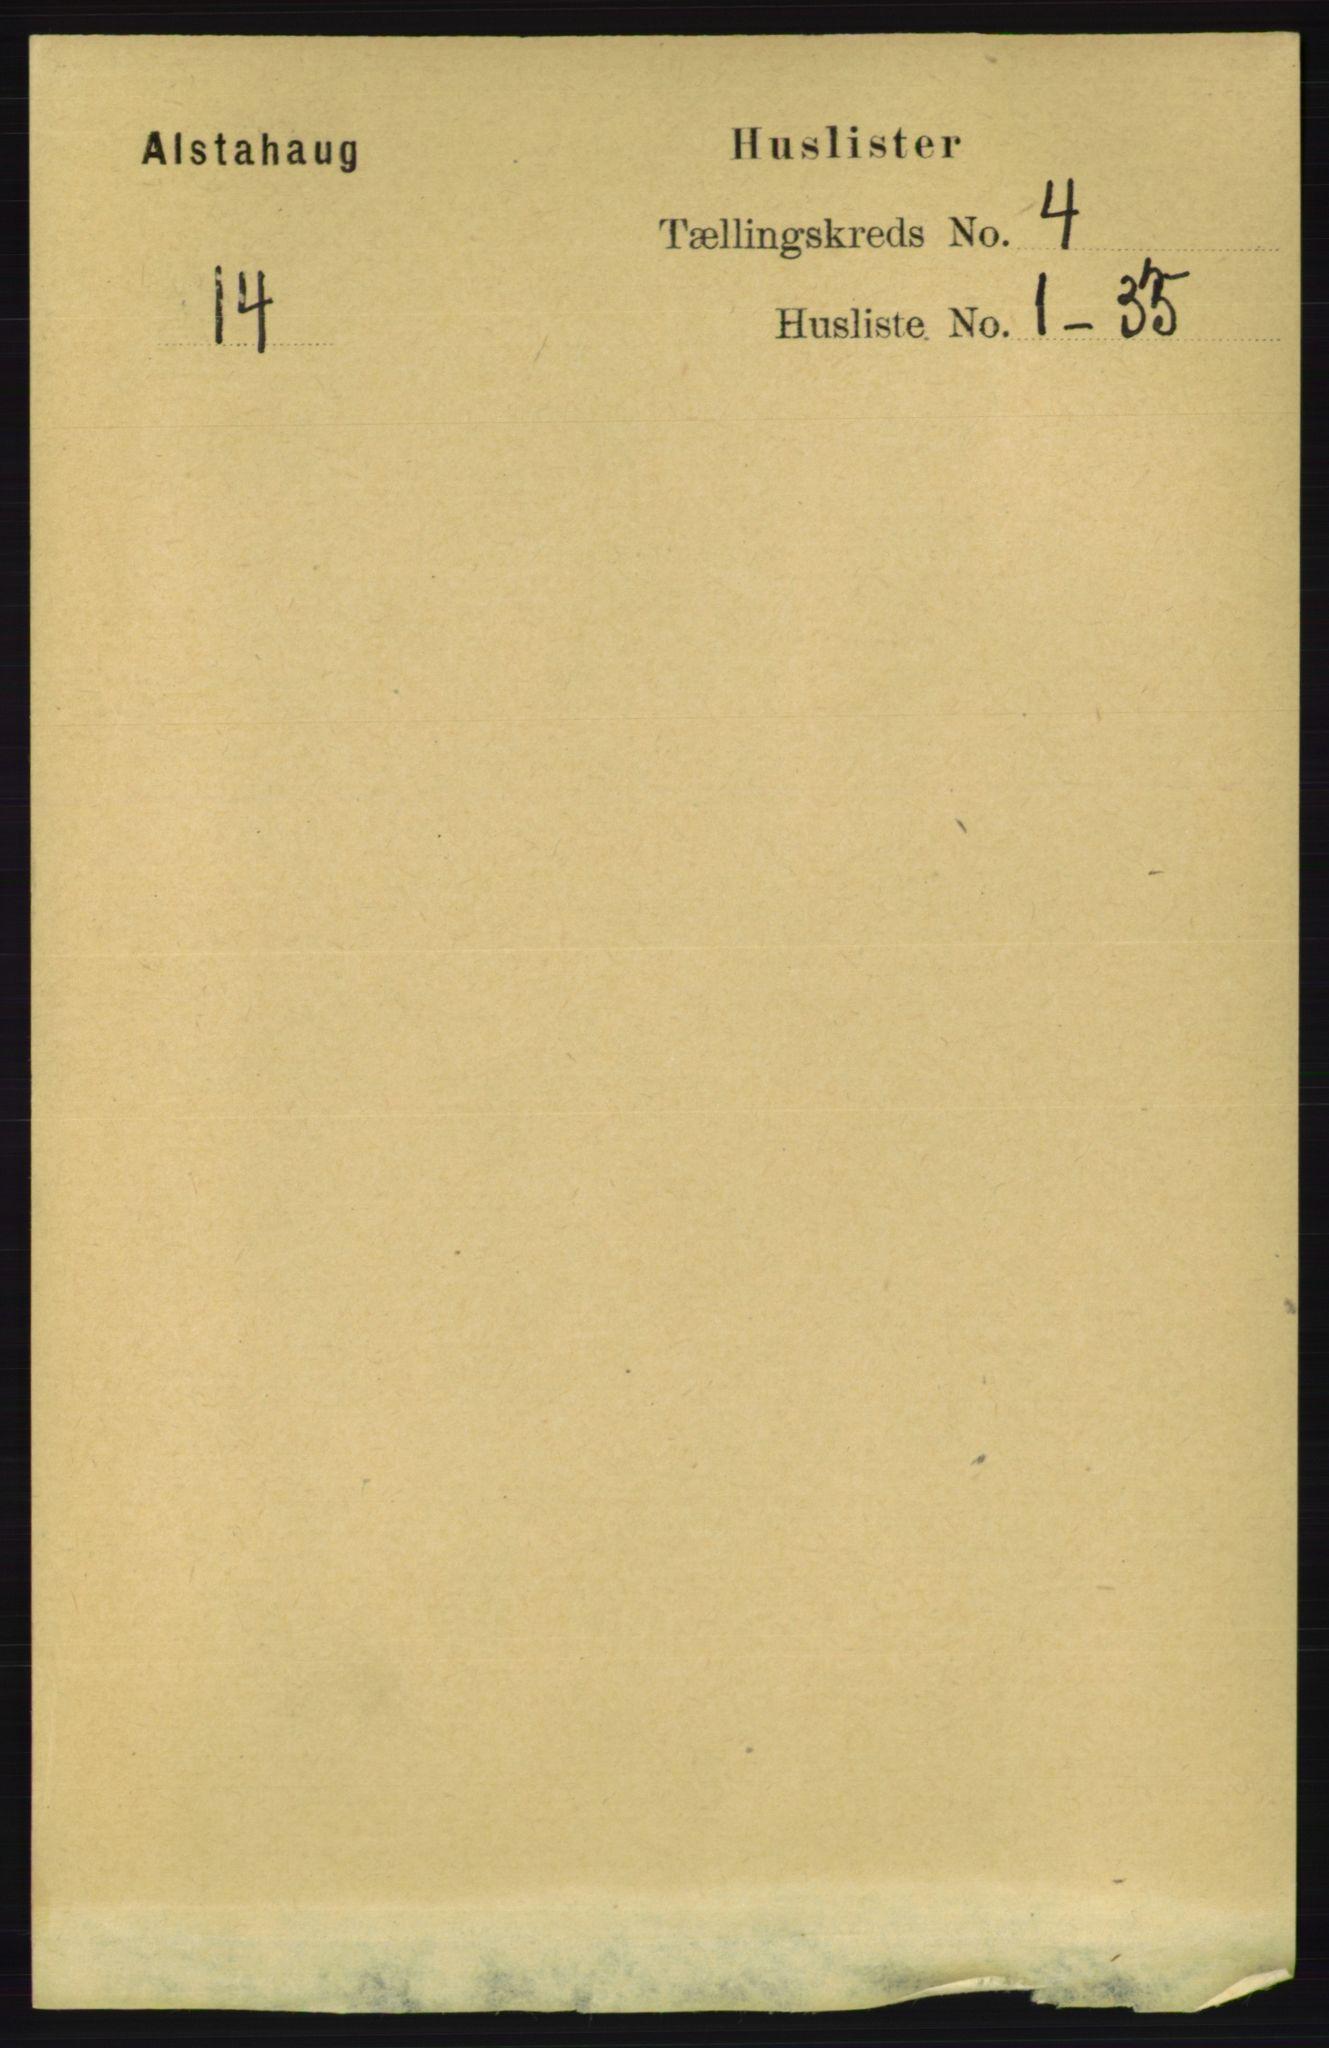 RA, Folketelling 1891 for 1820 Alstahaug herred, 1891, s. 1461